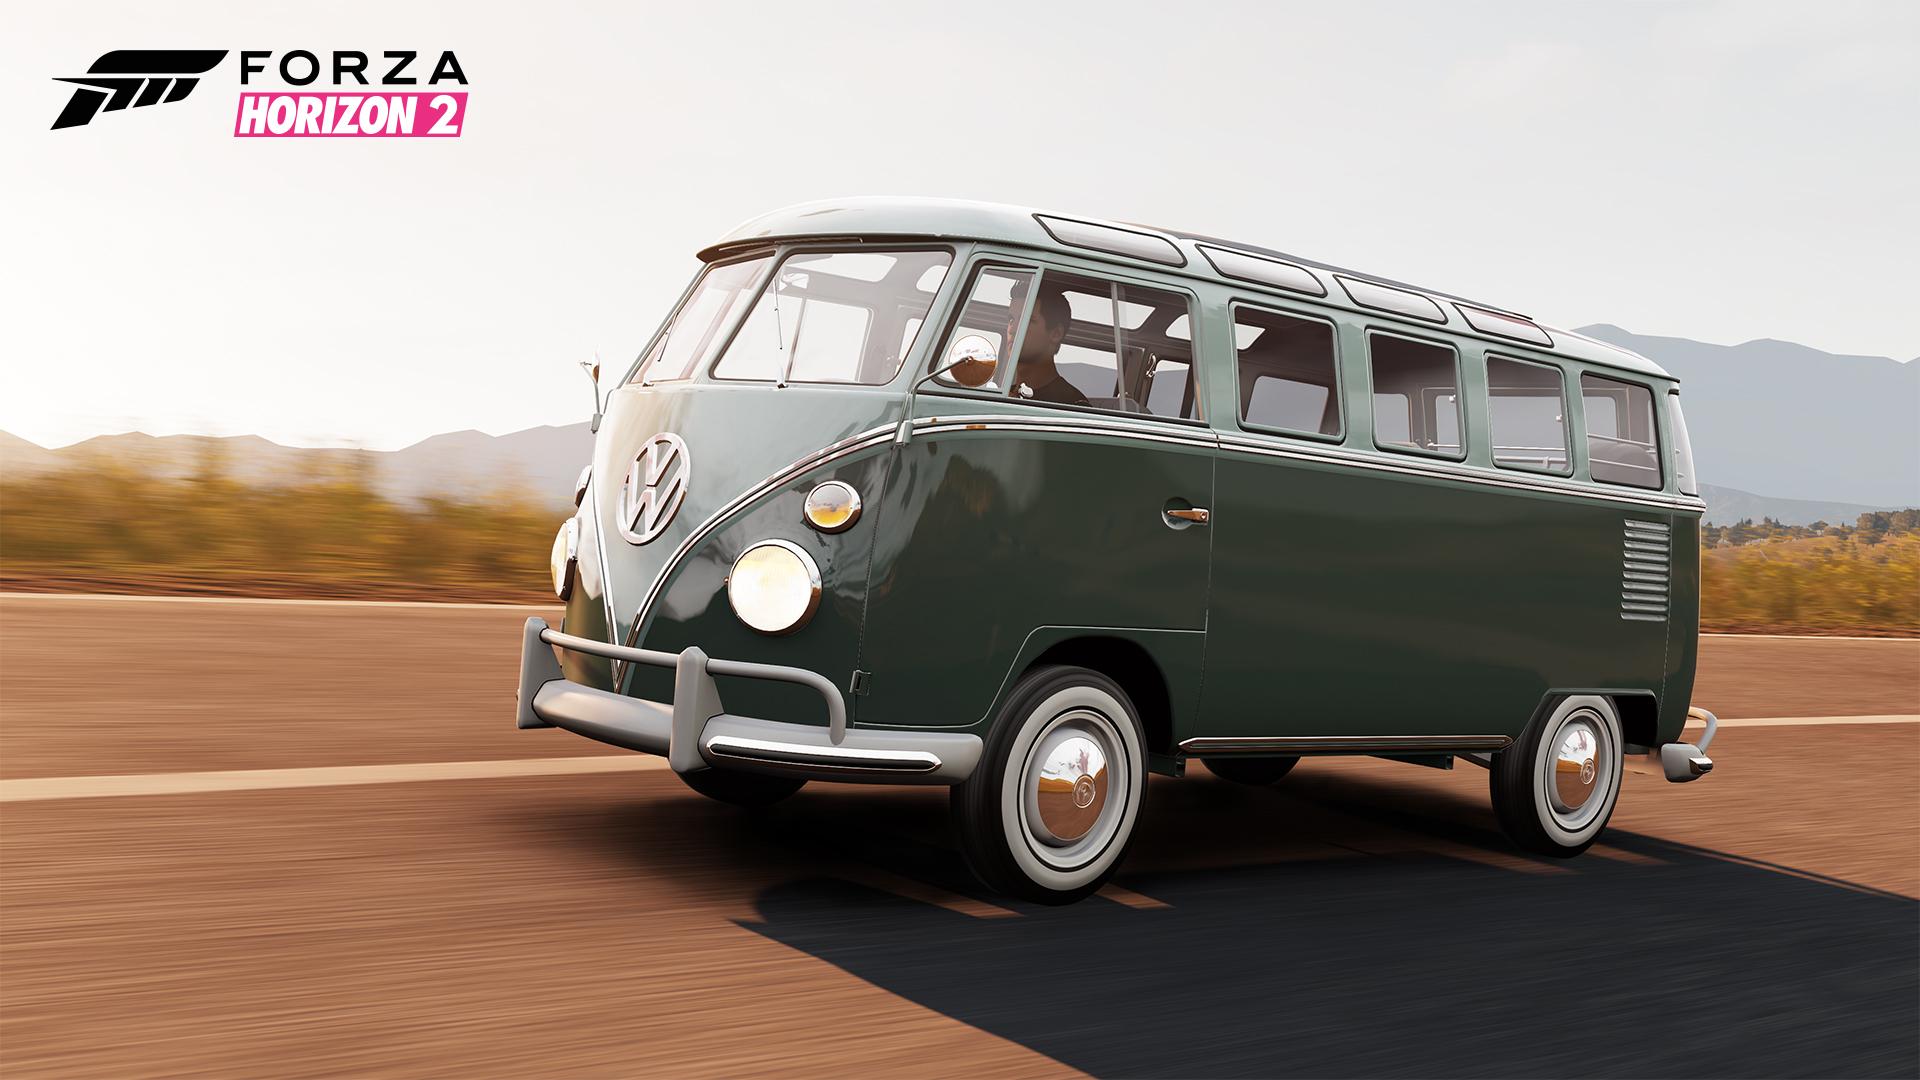 Revelados os primeiros 100 carros para Forza Horizon 2 VolkswagenType2_WM_CarReveal_Week1_ForzaHorizon21